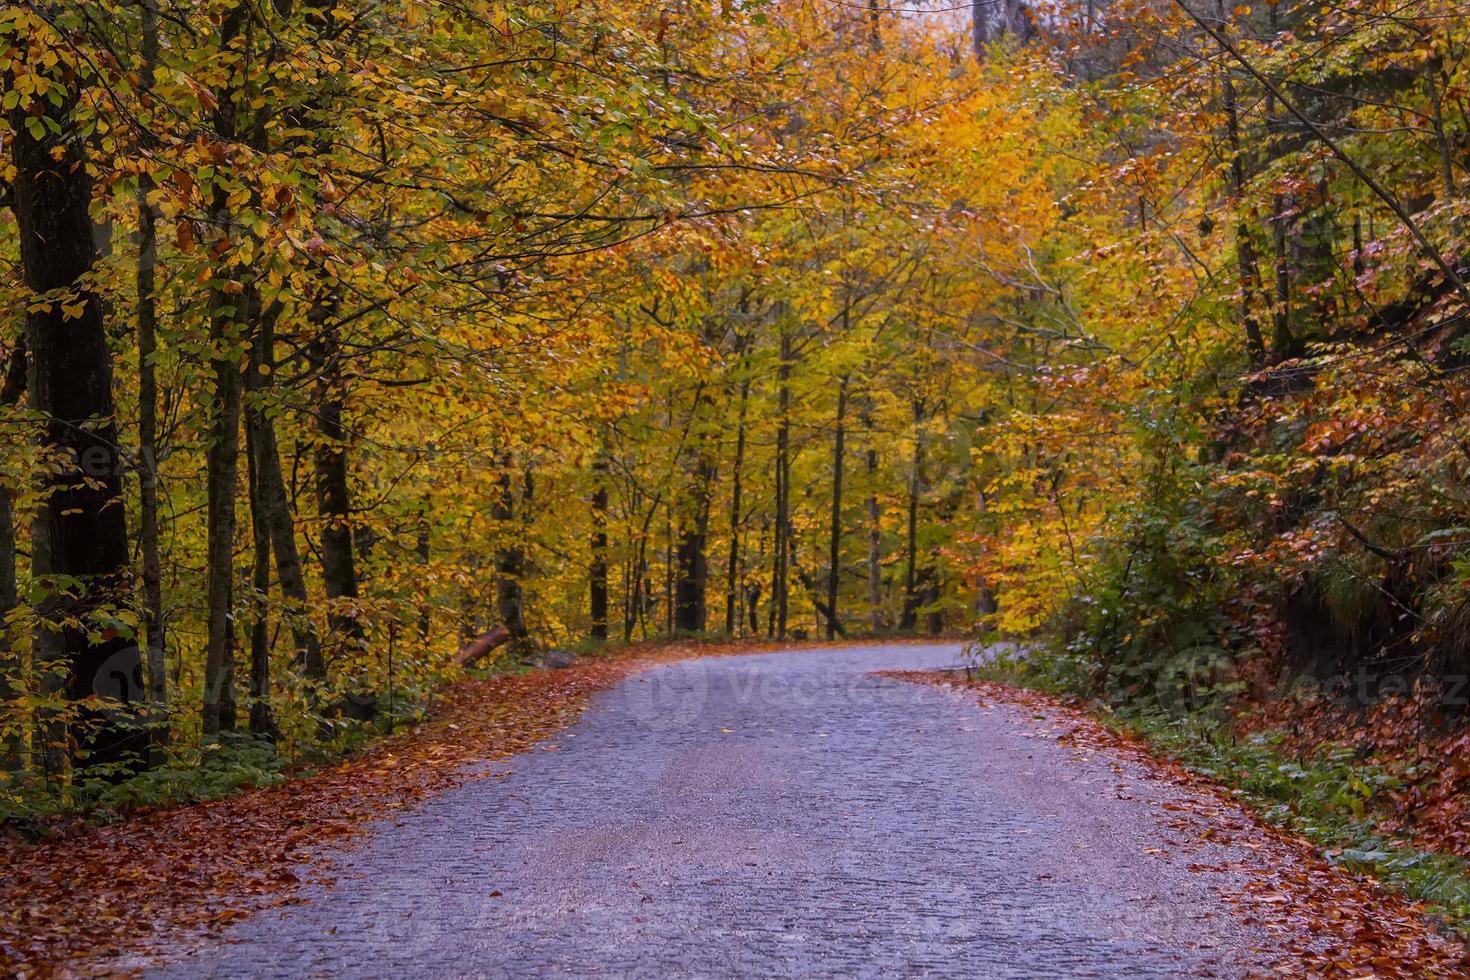 la carretera foto